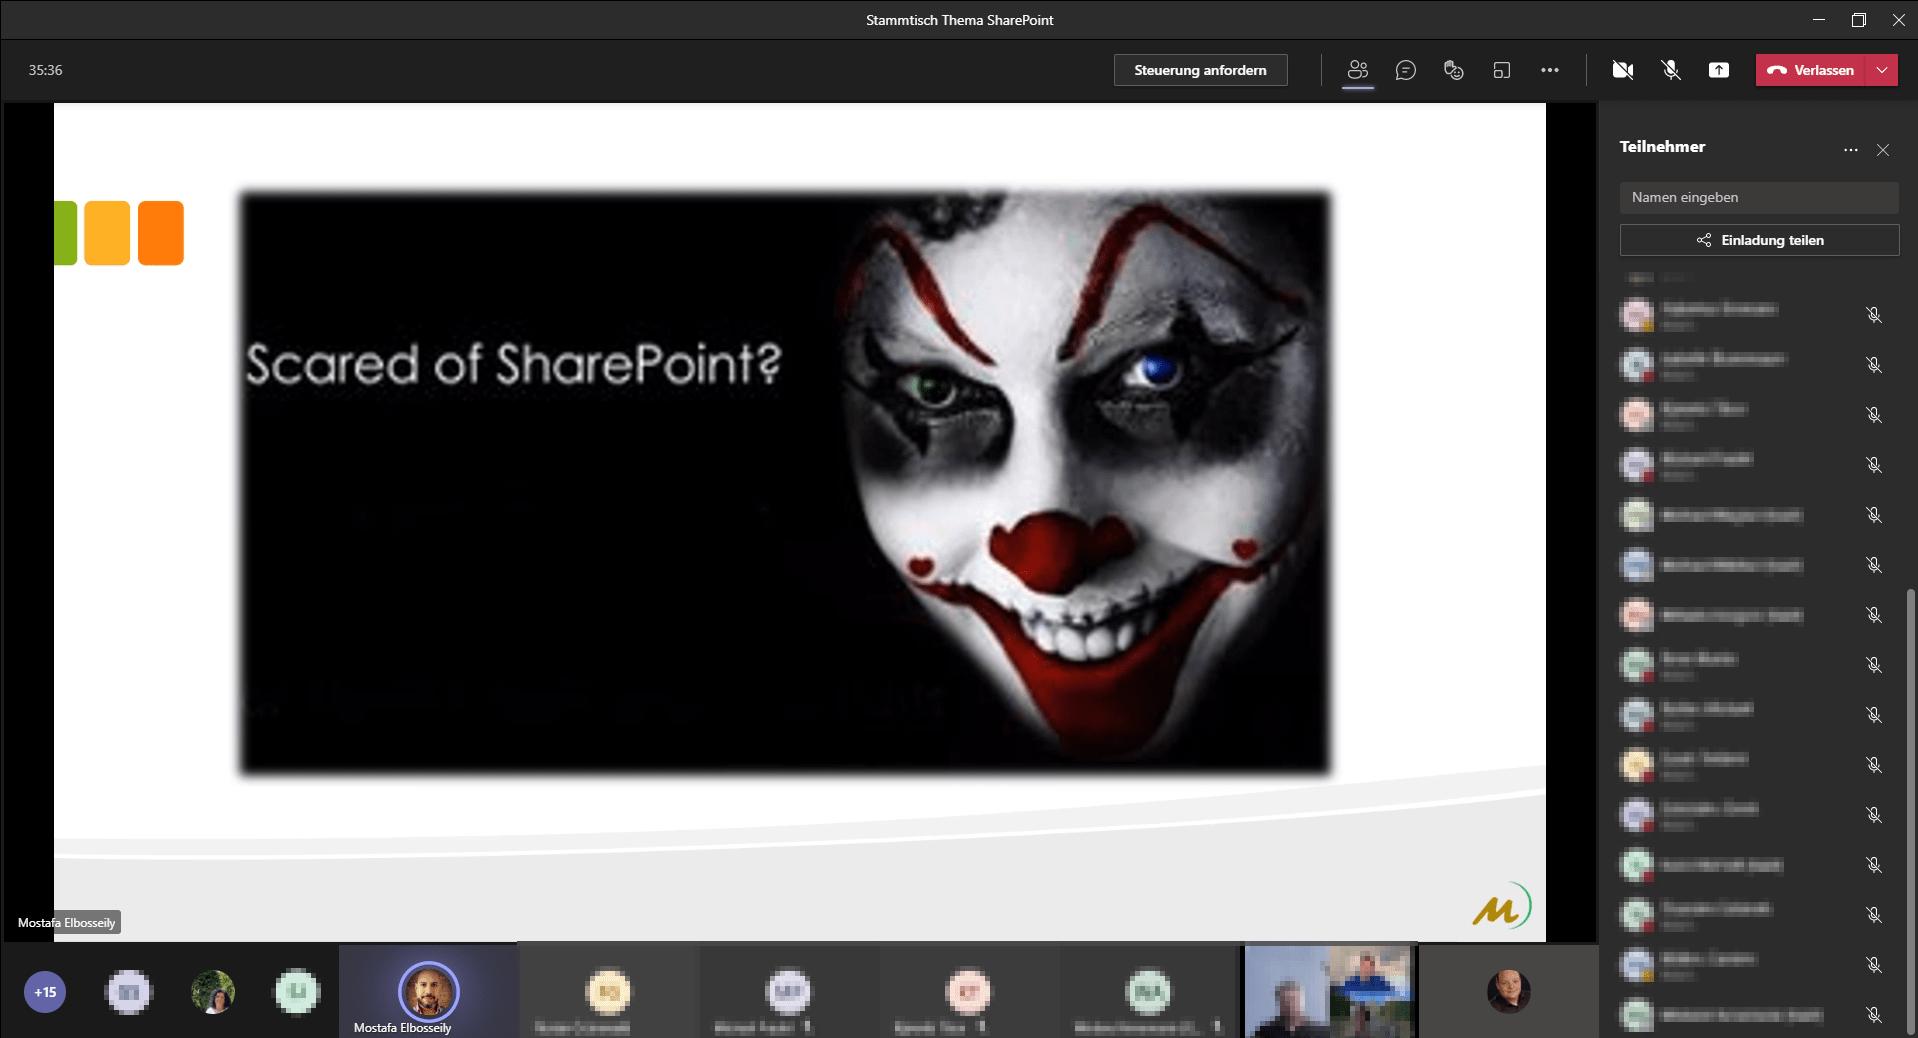 Stammtisch SharePoint Screenshot 2